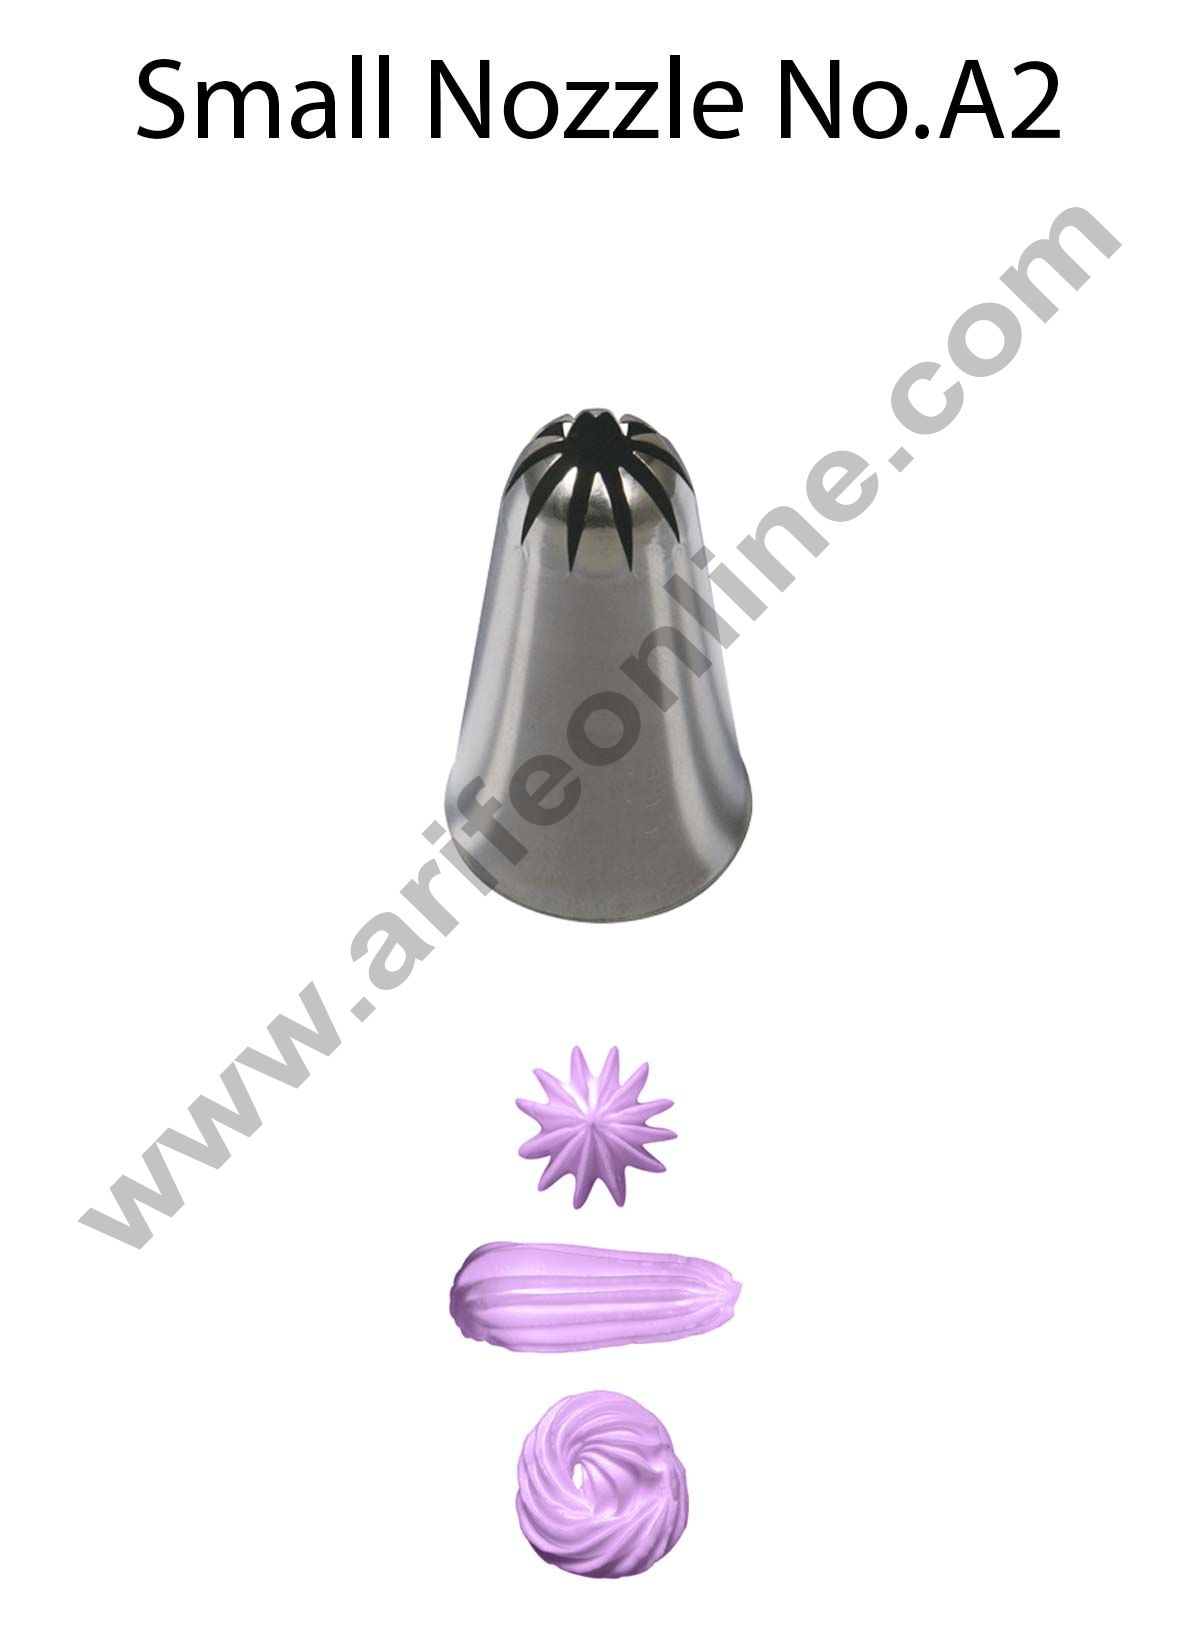 Cake Decor Small Nozzle - No. A2 Closed Star Piping Nozzle